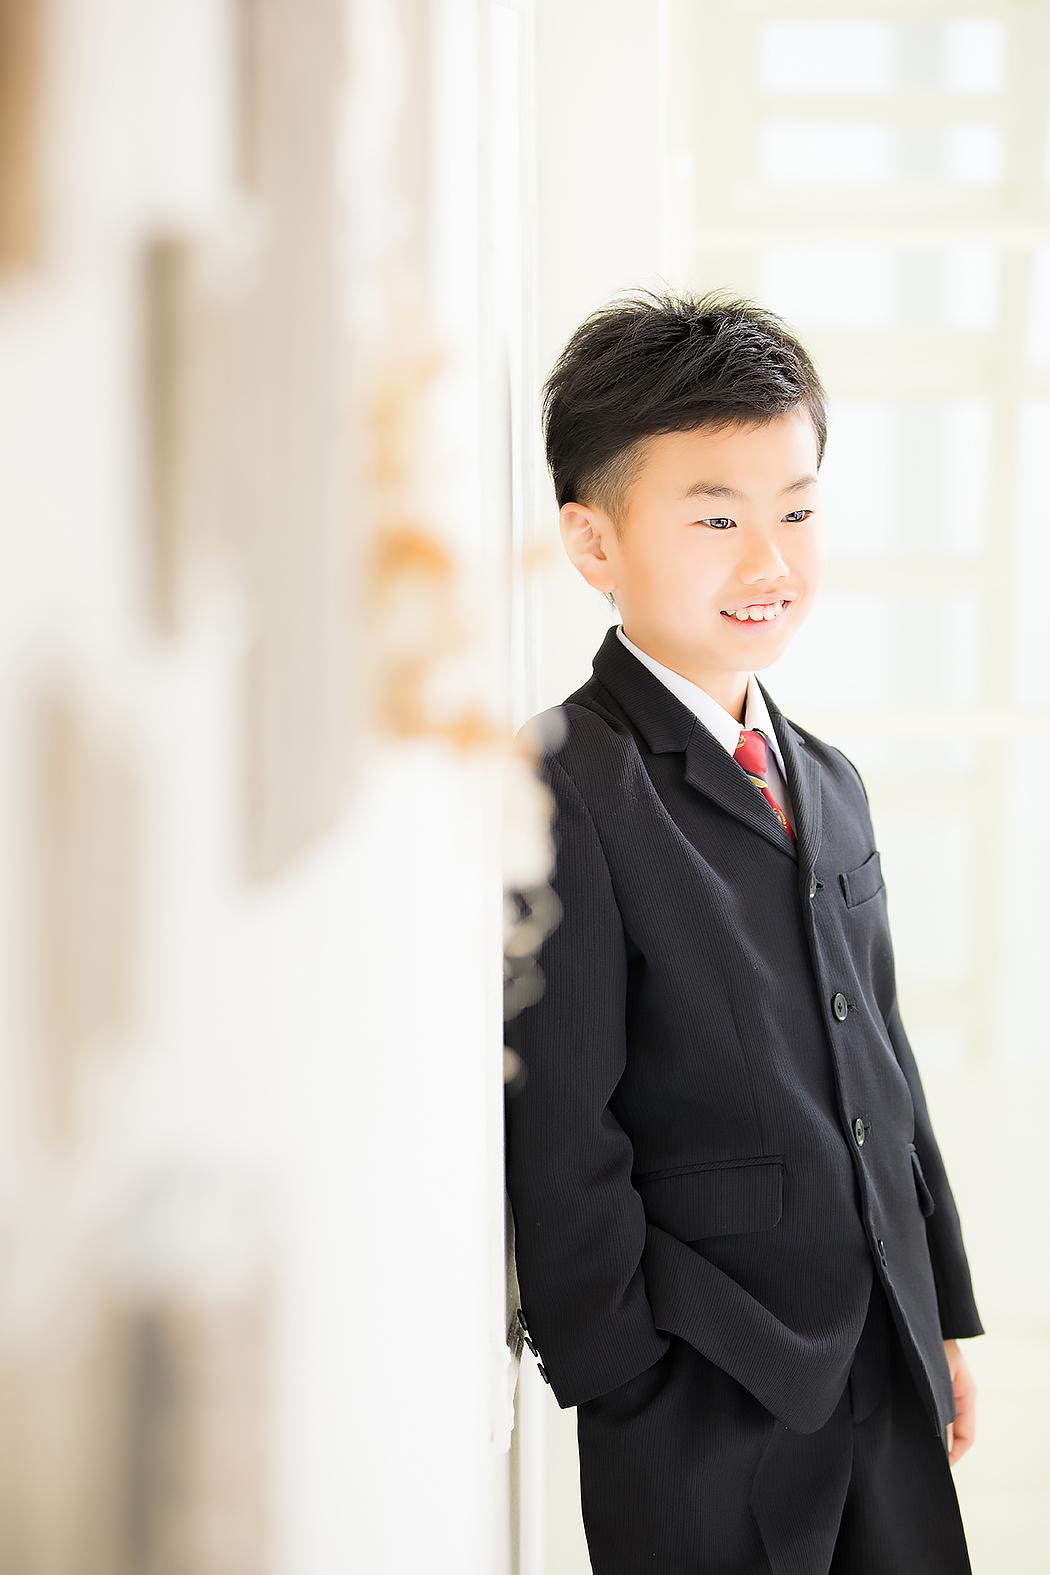 1/2成人式,十歳,着物,私服,趣味